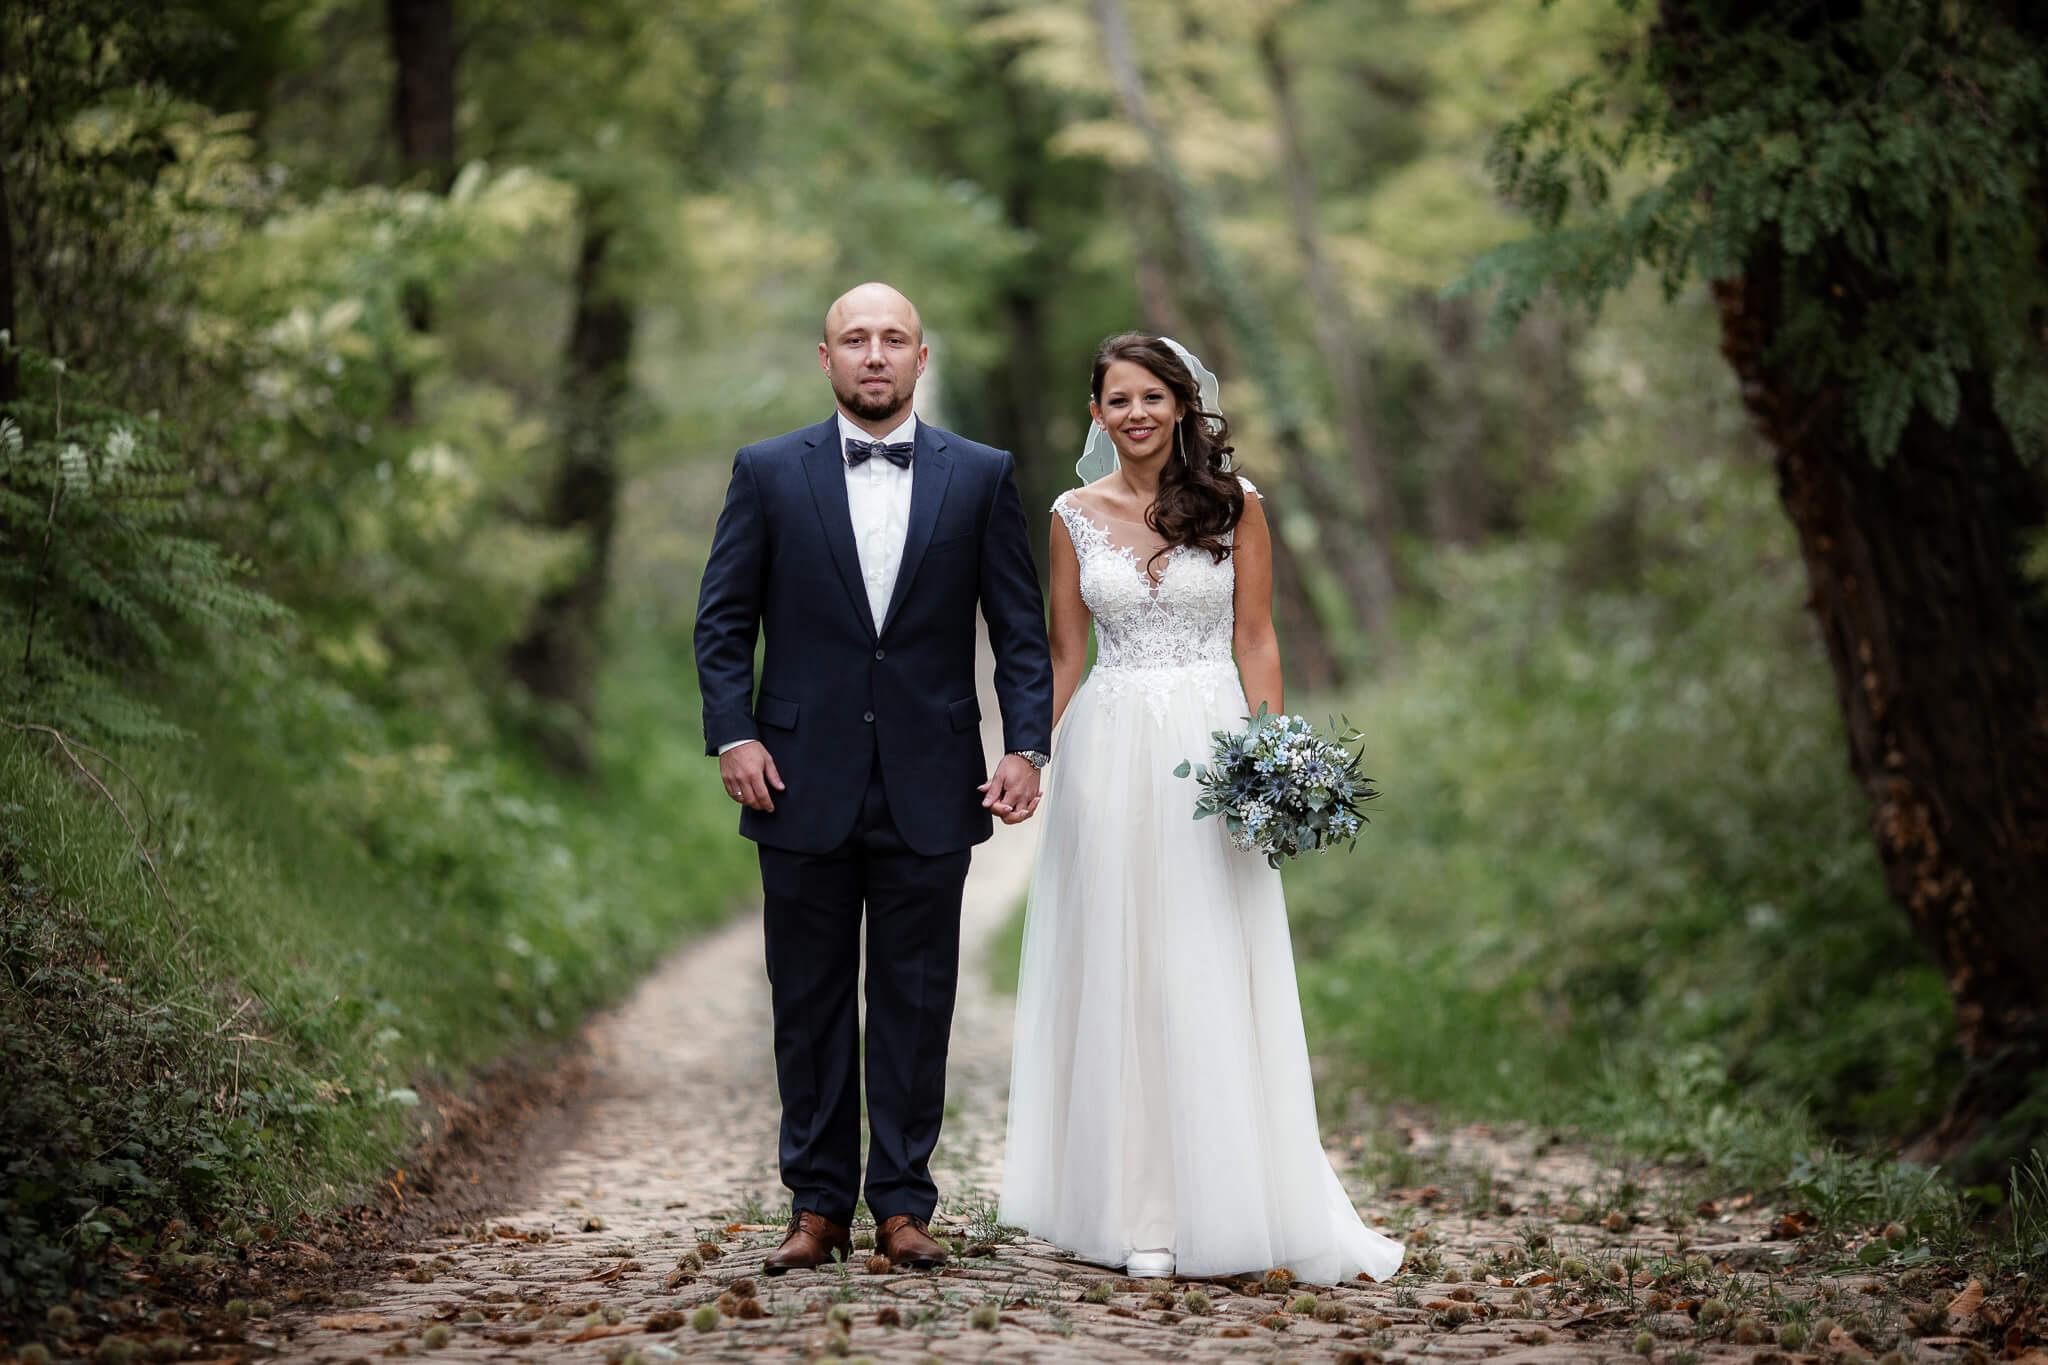 Als Hochzeitsfotograf in Mörstadt - Jan und Anika 4